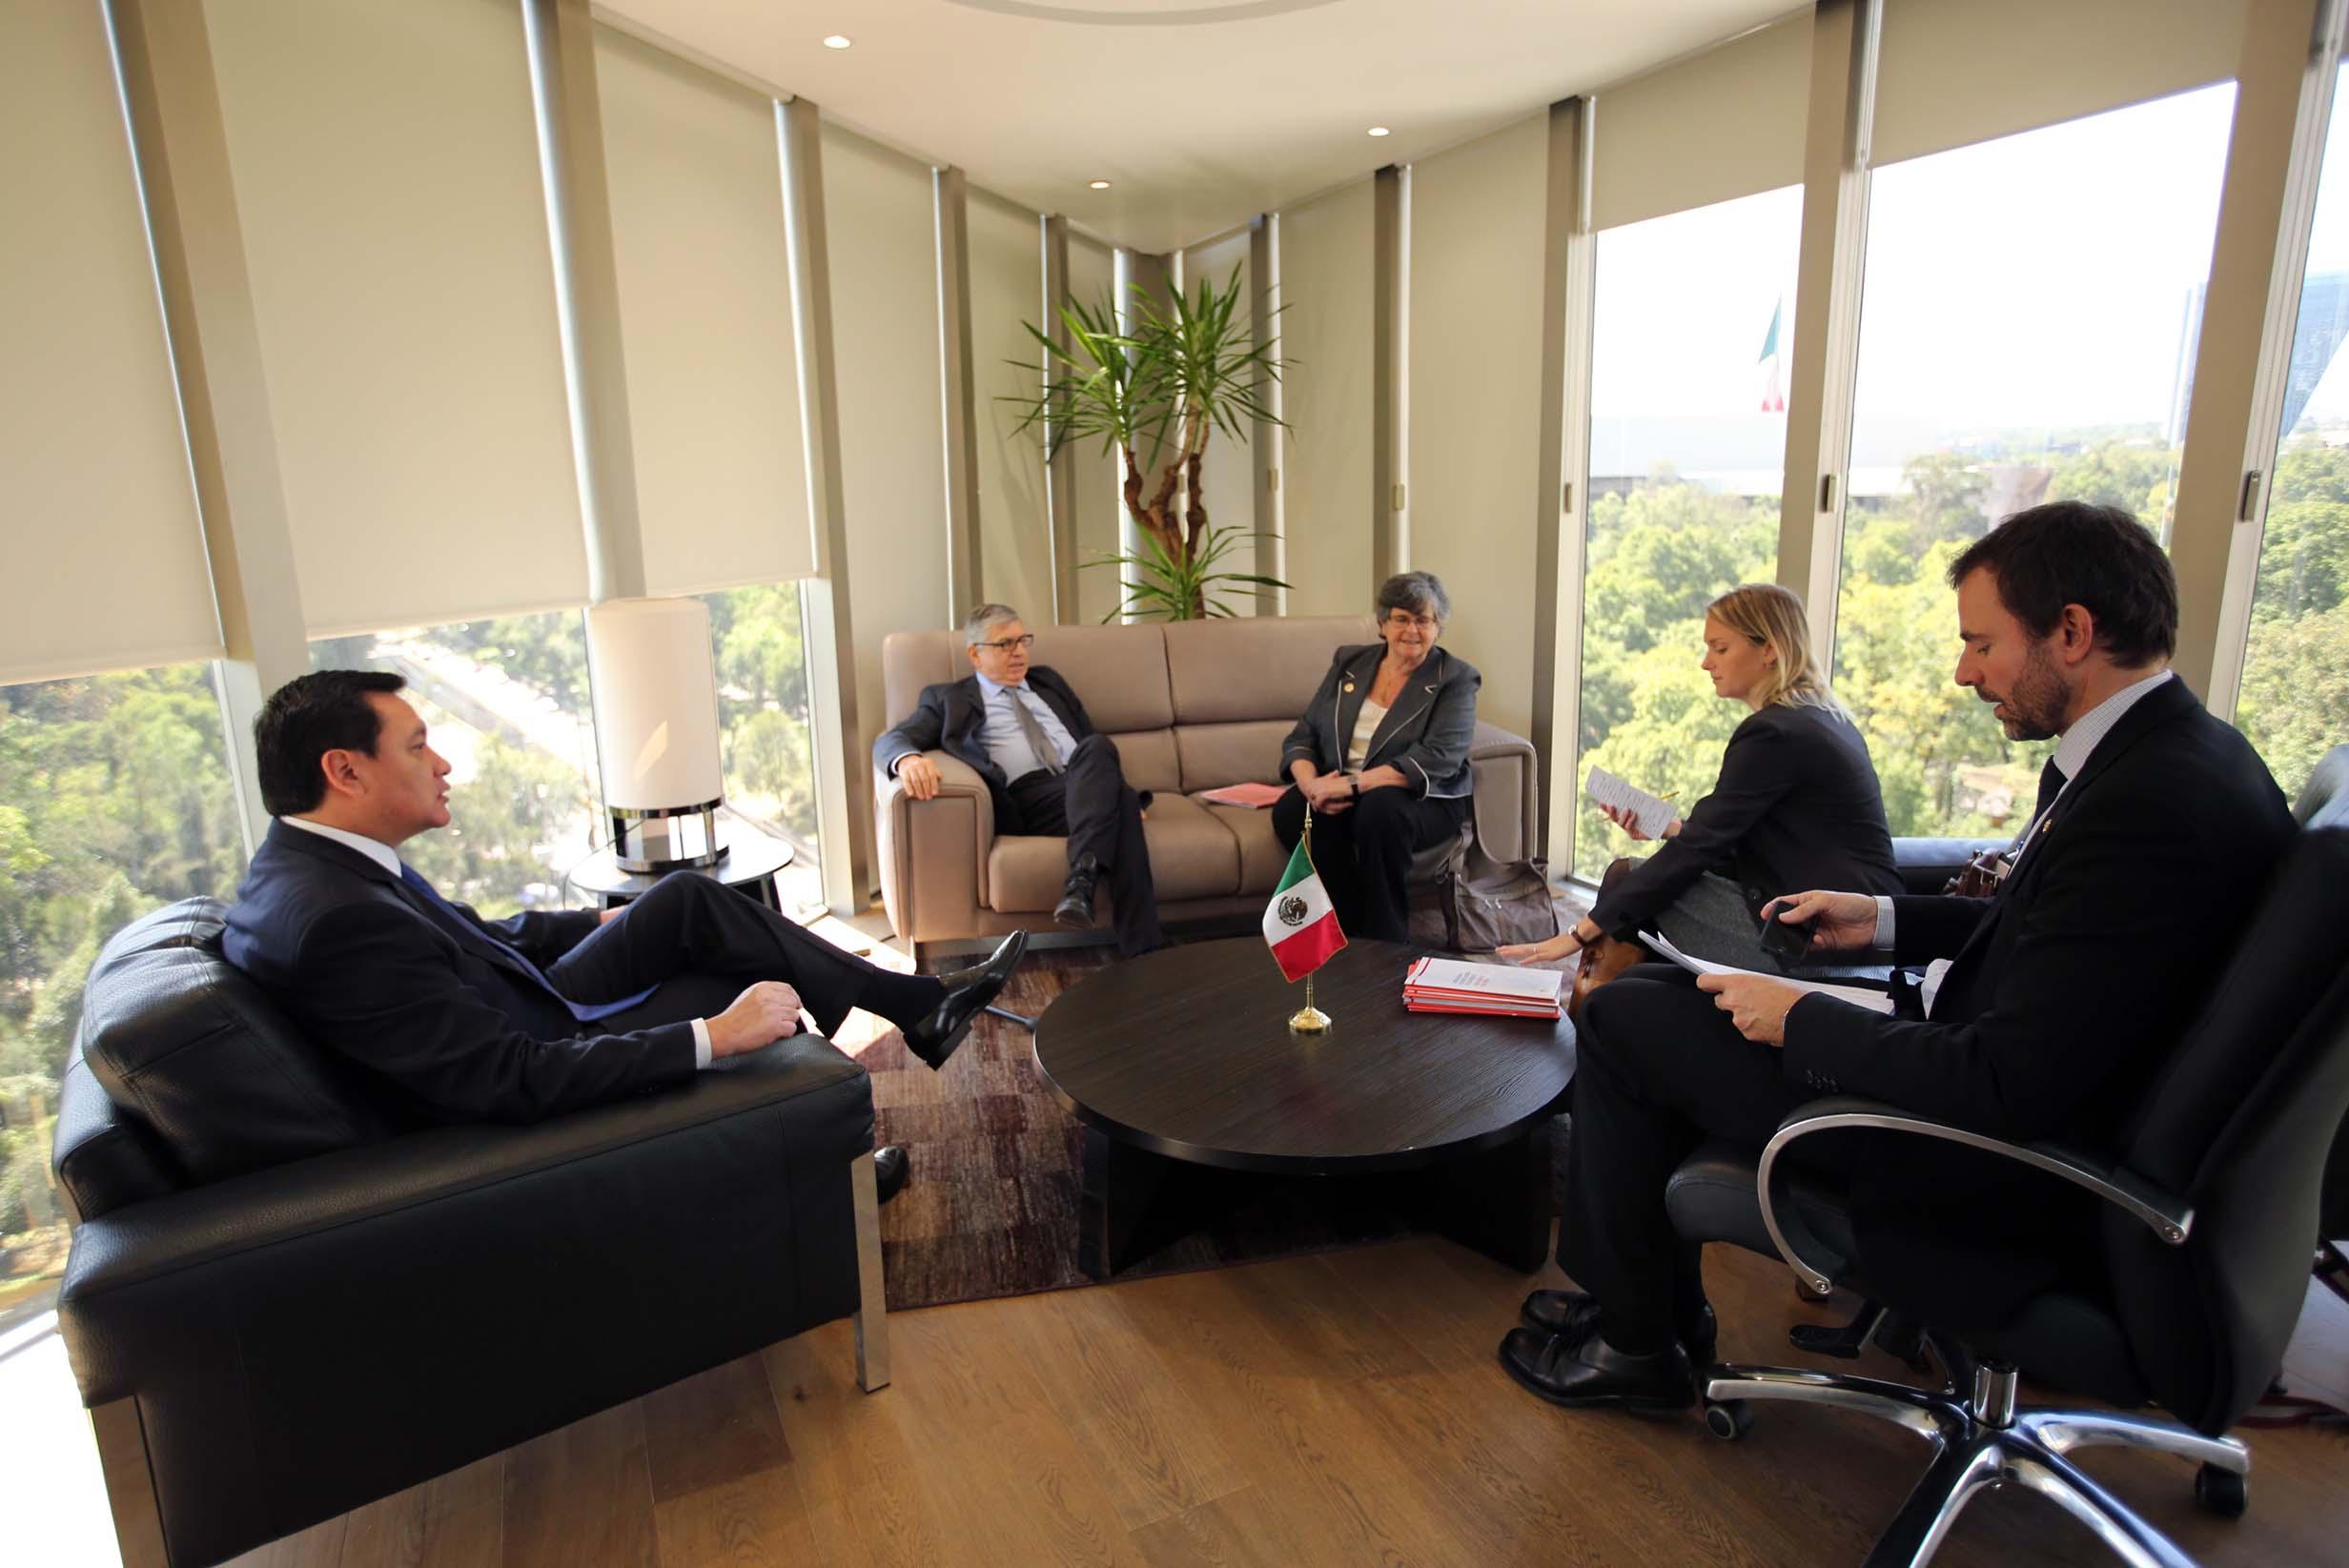 El Secretario de Gobernación, Miguel Ángel Osorio Chong, se reunió los ex presidentes de Suiza, Ruth Dreifuss,  y Colombia, César Gaviria, ambos integrantes de la Comisión Global de Política de Drogas